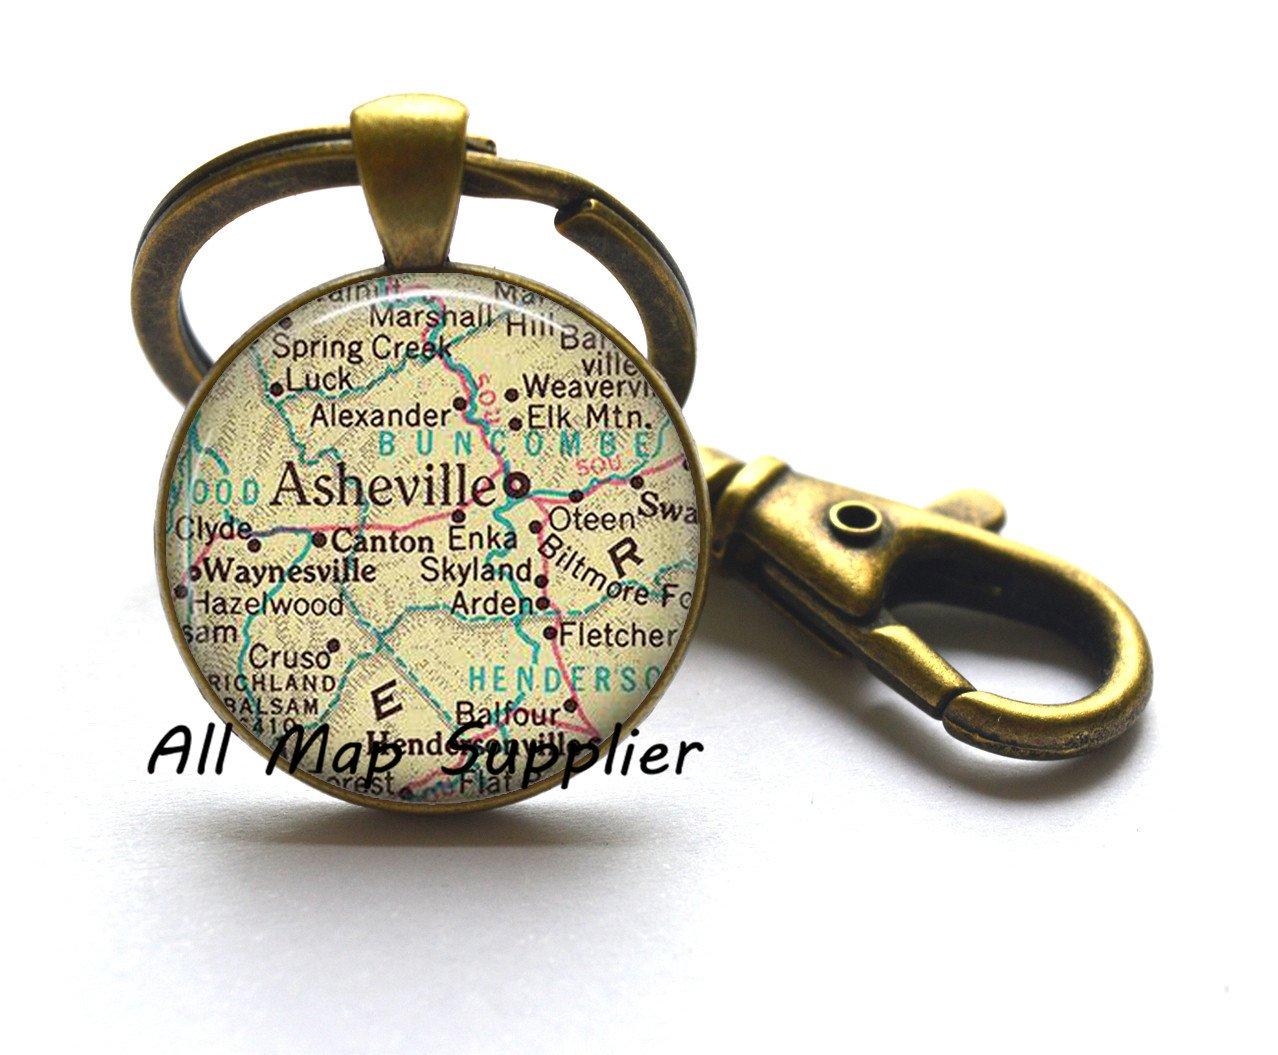 Charmingキーチェーン、Asheville、ノースカロライナ州マップキーチェーン、Ashevilleマップキーリング、マップジュエリーAshevilleキーチェーン、Ashevilleキーリングa0120 B076BHZFMG